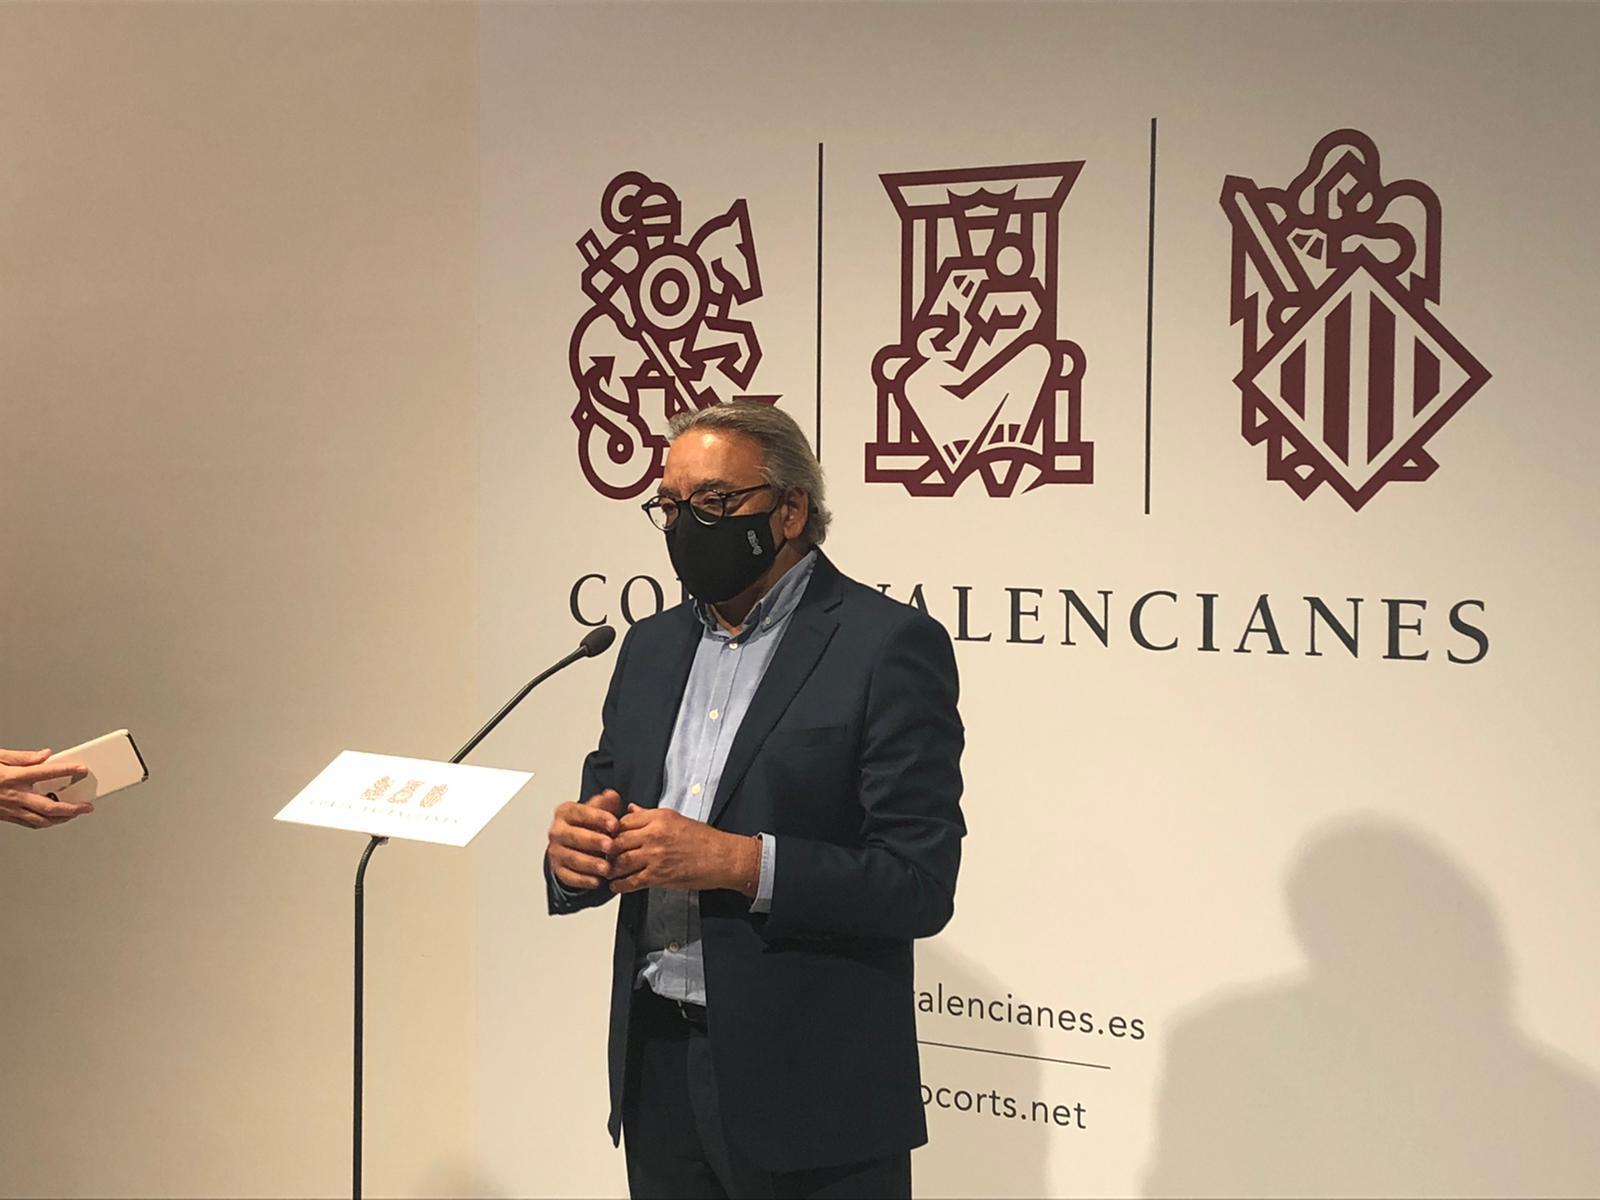 """En este momento estás viendo Mata: """"El Consell de Ximo Puig escucha: la Comunitat Valenciana ha sido la primera en presentar 410 proyectos para la recuperación a través de fondos europeos"""""""